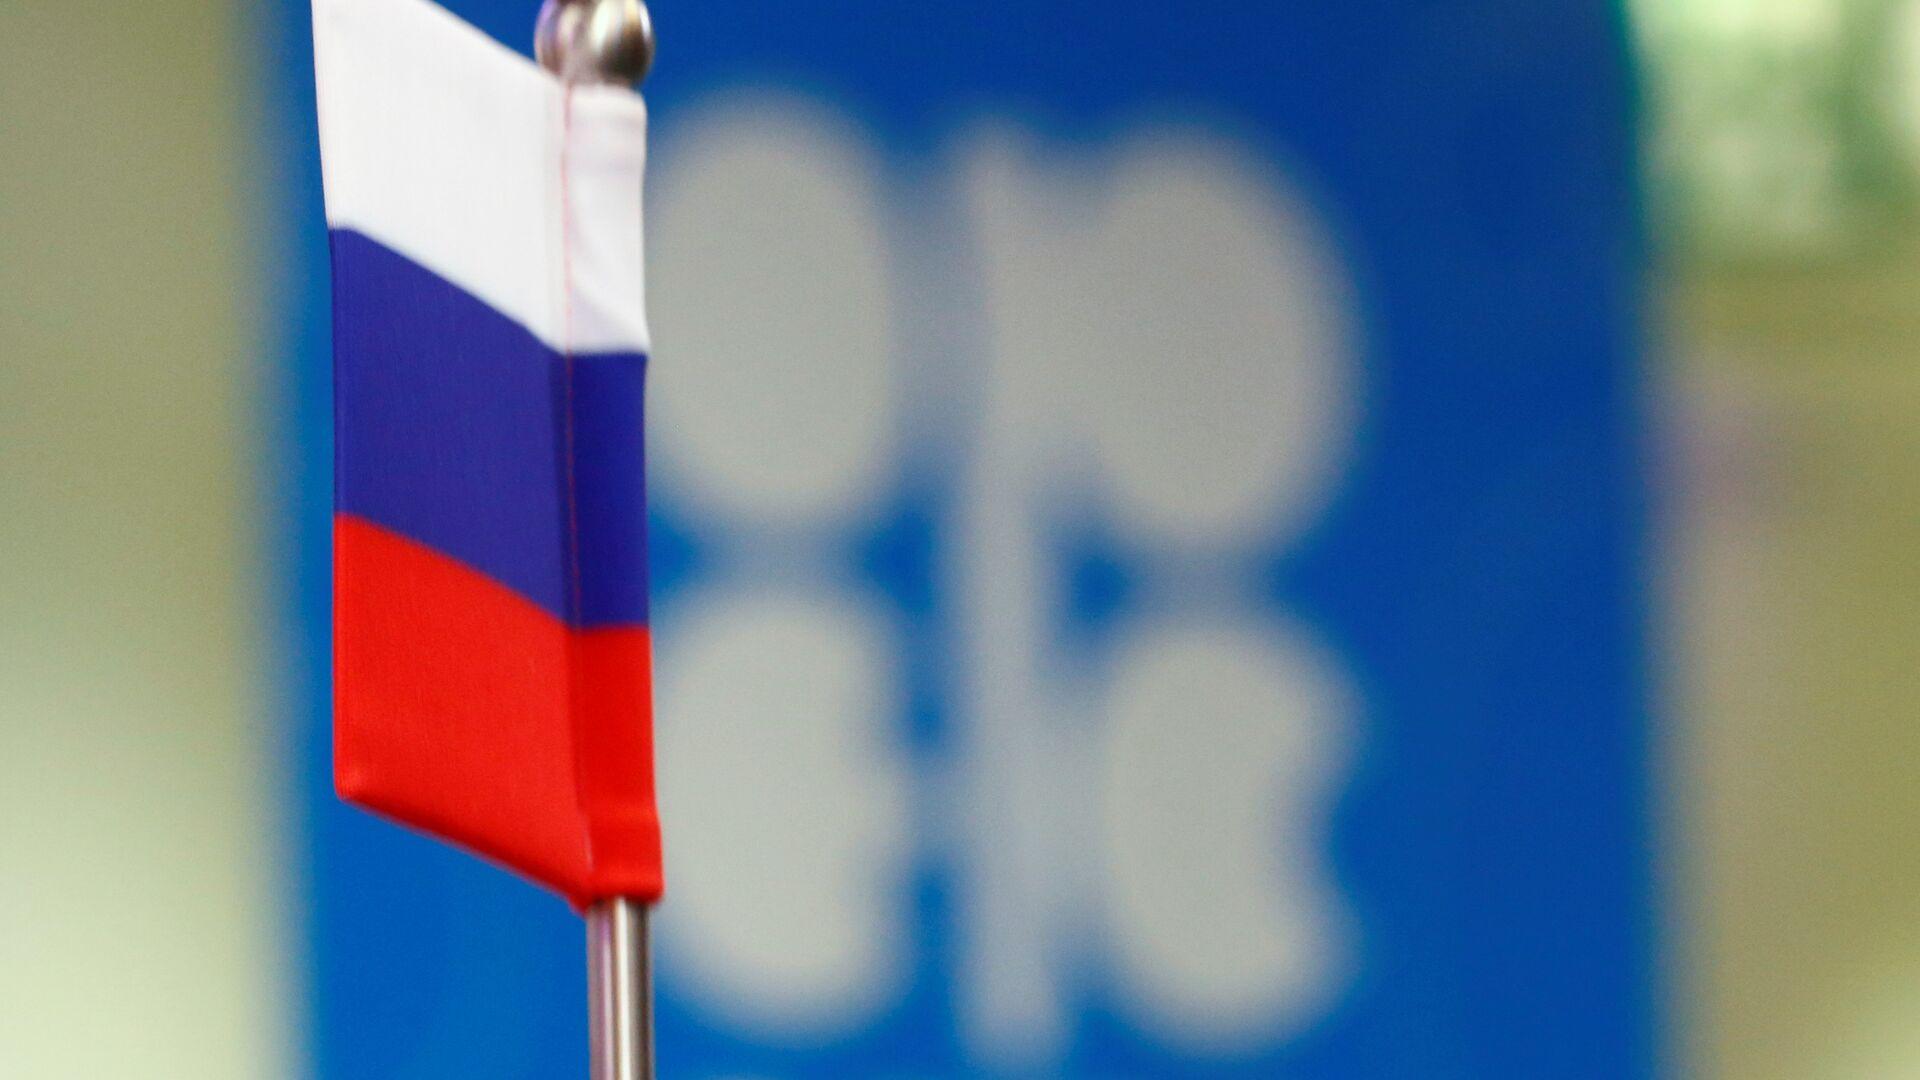 La bandera de Rusia y el logo de OPEP - Sputnik Mundo, 1920, 30.07.2021